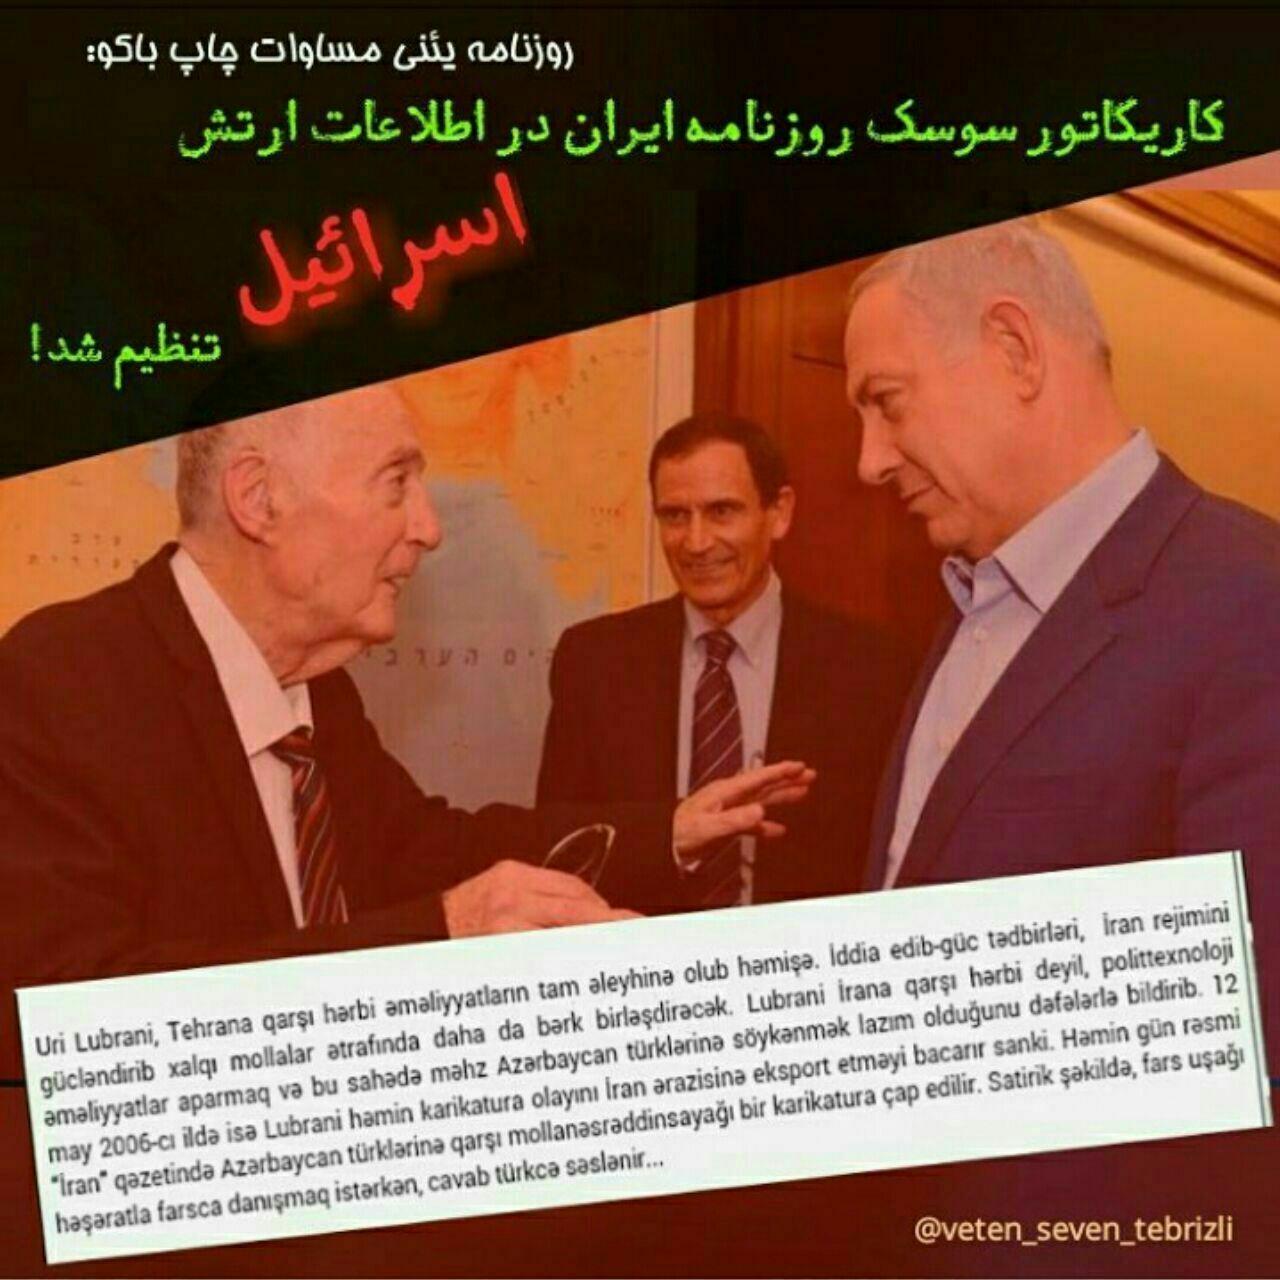 کاریکاتور سوسک روزنامه ایران پروژه چه کسانی بود؟